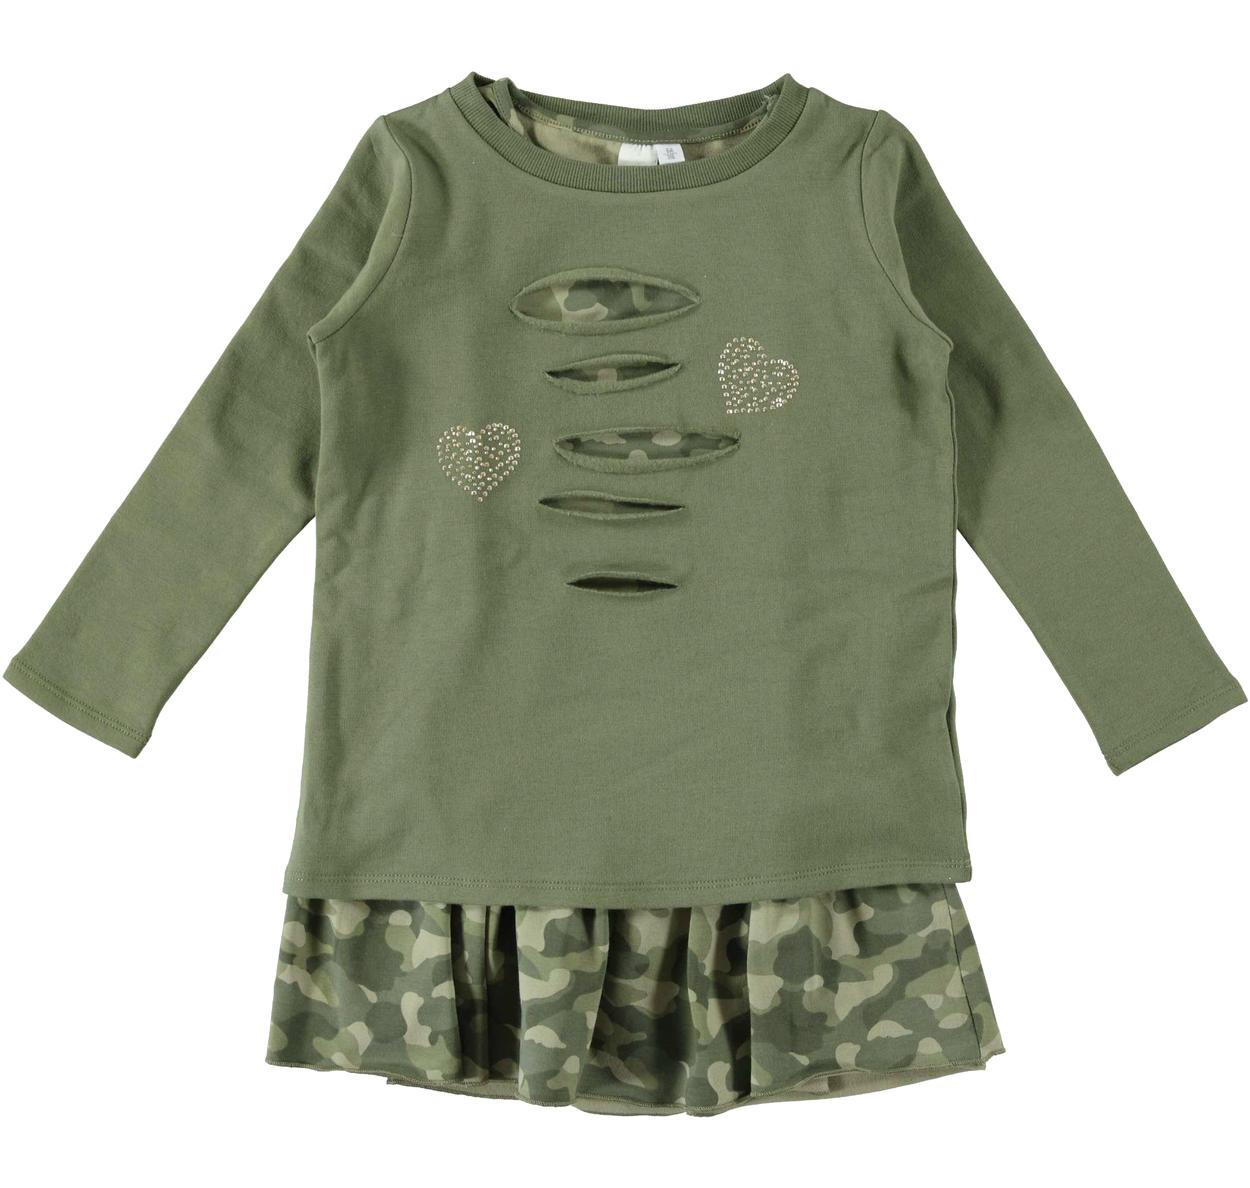 Vestitino bambina due pezzi con maglietta con cuori di borchie vestibilità  da 3 a 16 anni iDO 85ce0cffbe8